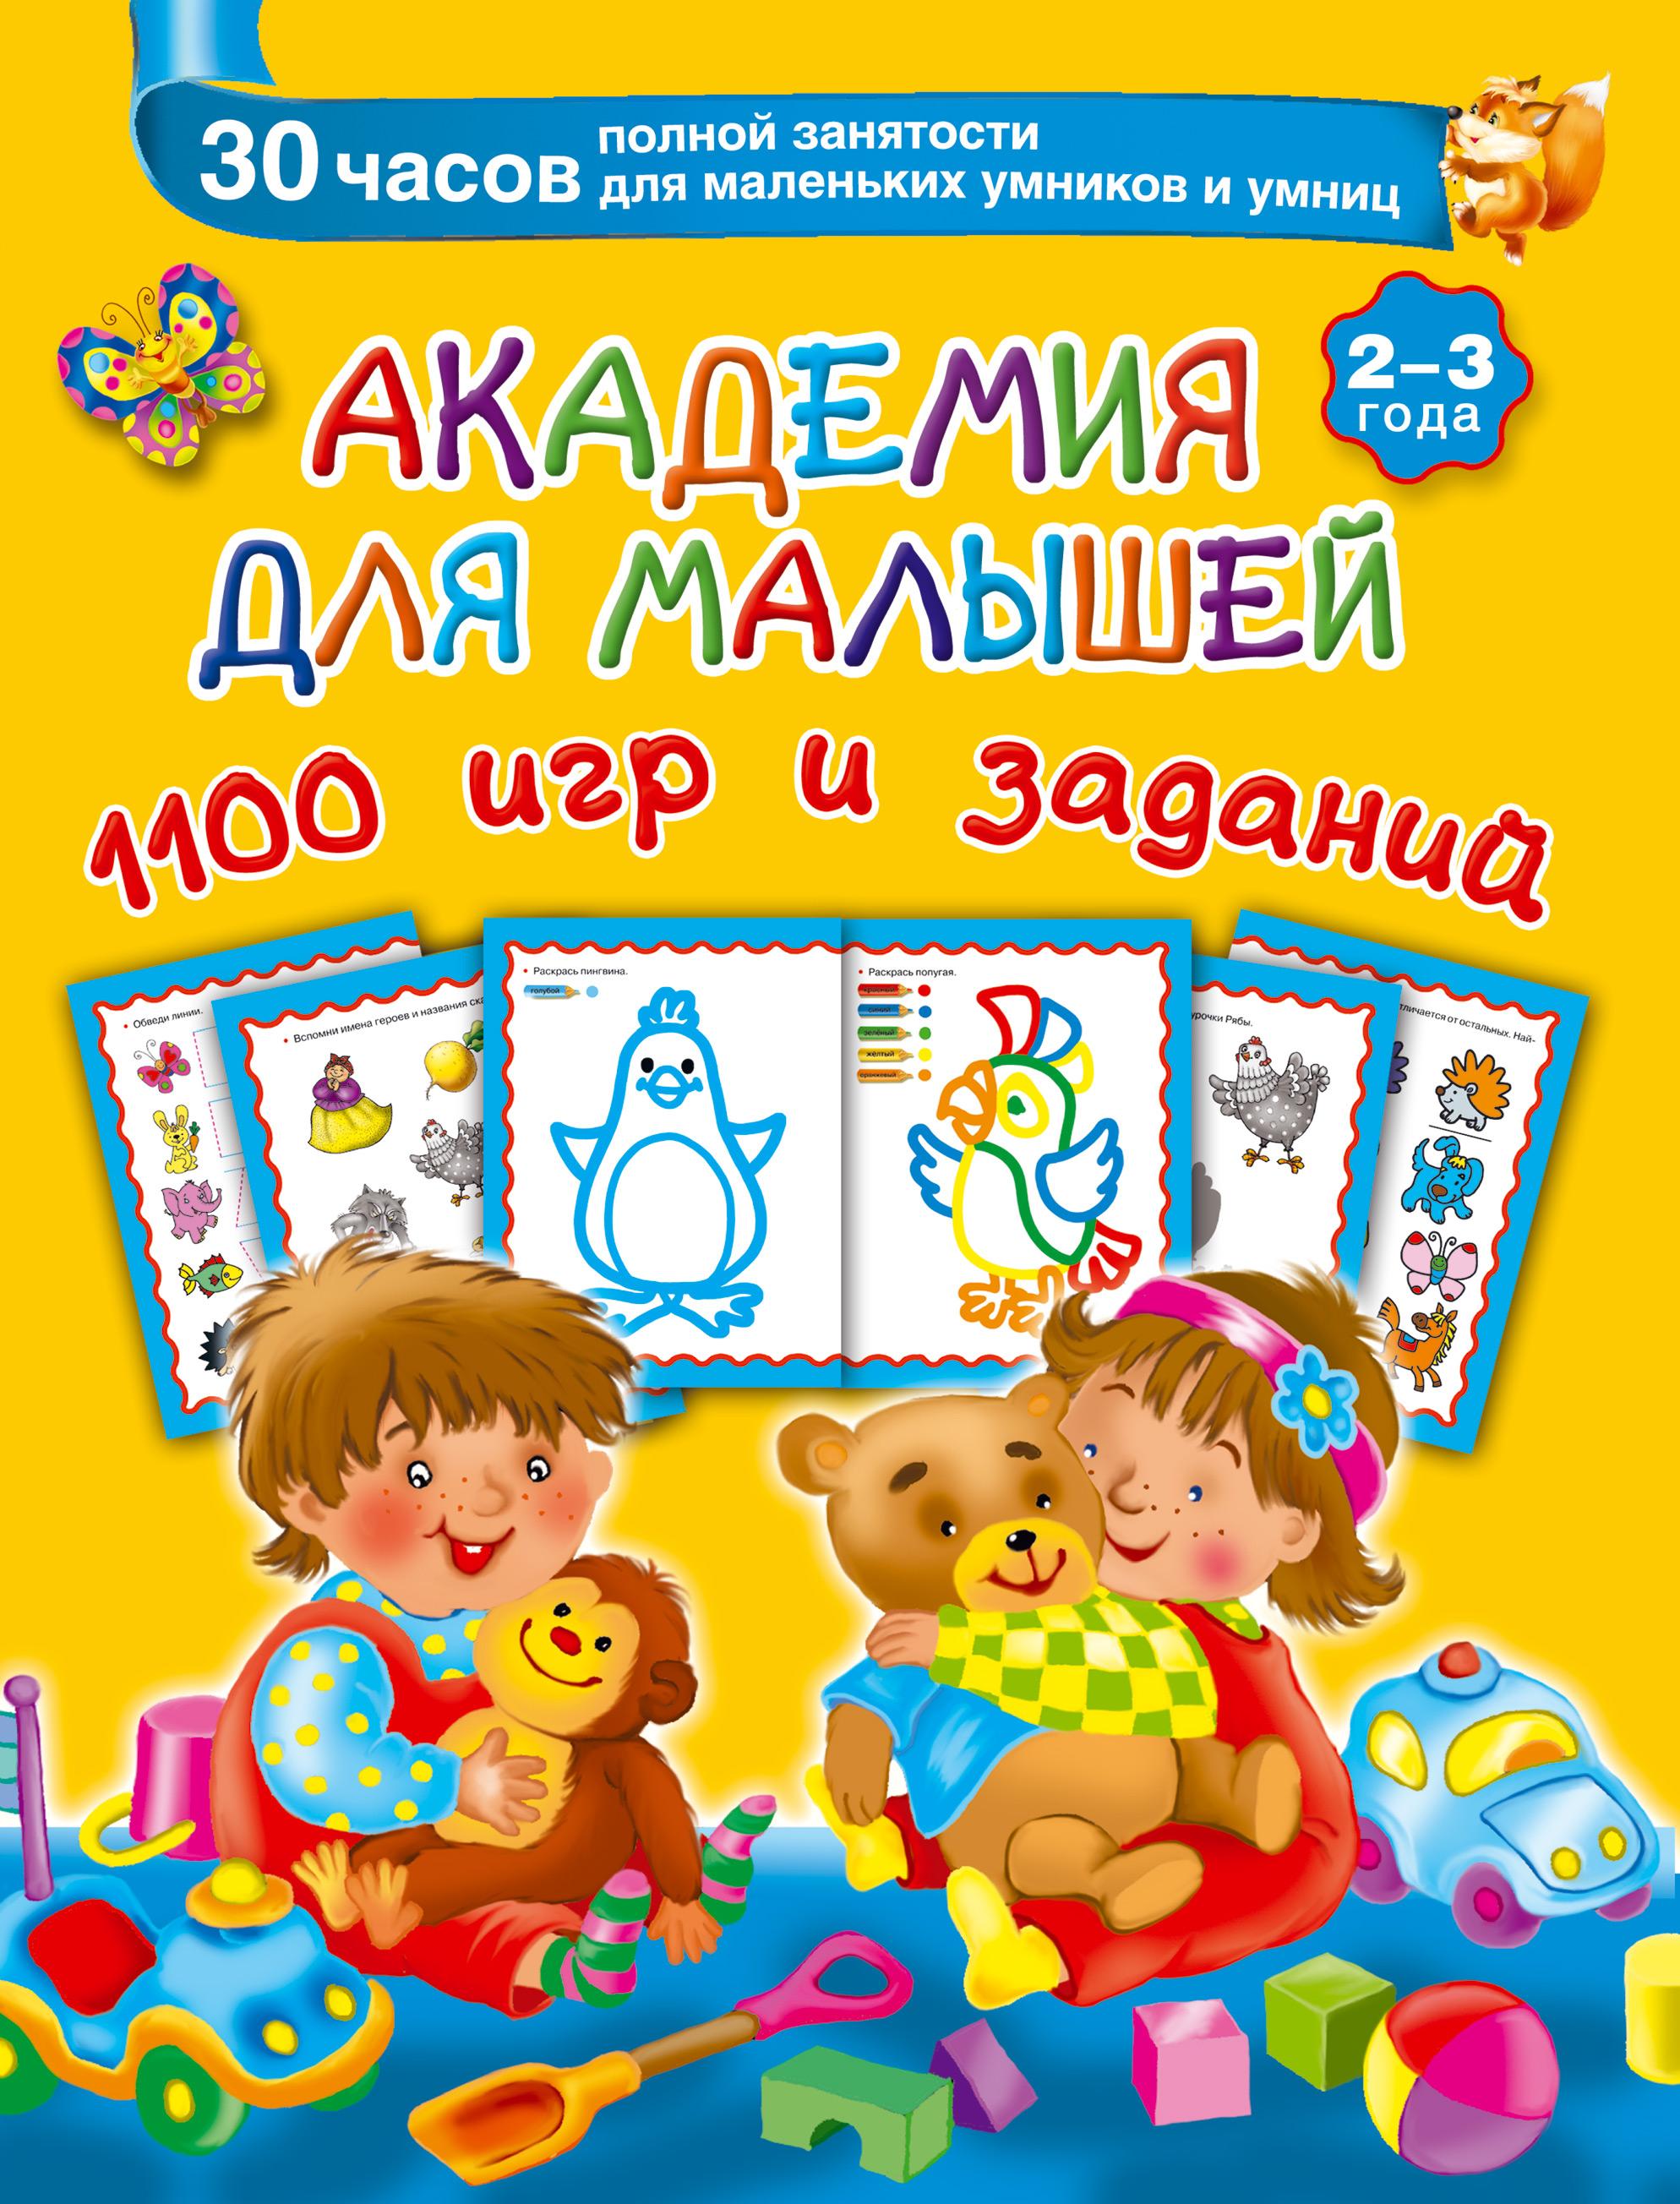 В. Г. Дмитриева Академия для малышей. 1100 игр и заданий. 2-3 года дмитриева в академия для малышей 1100 игр и заданий 5 6 лет 30 часов полной занятости для маленьких умников и умниц